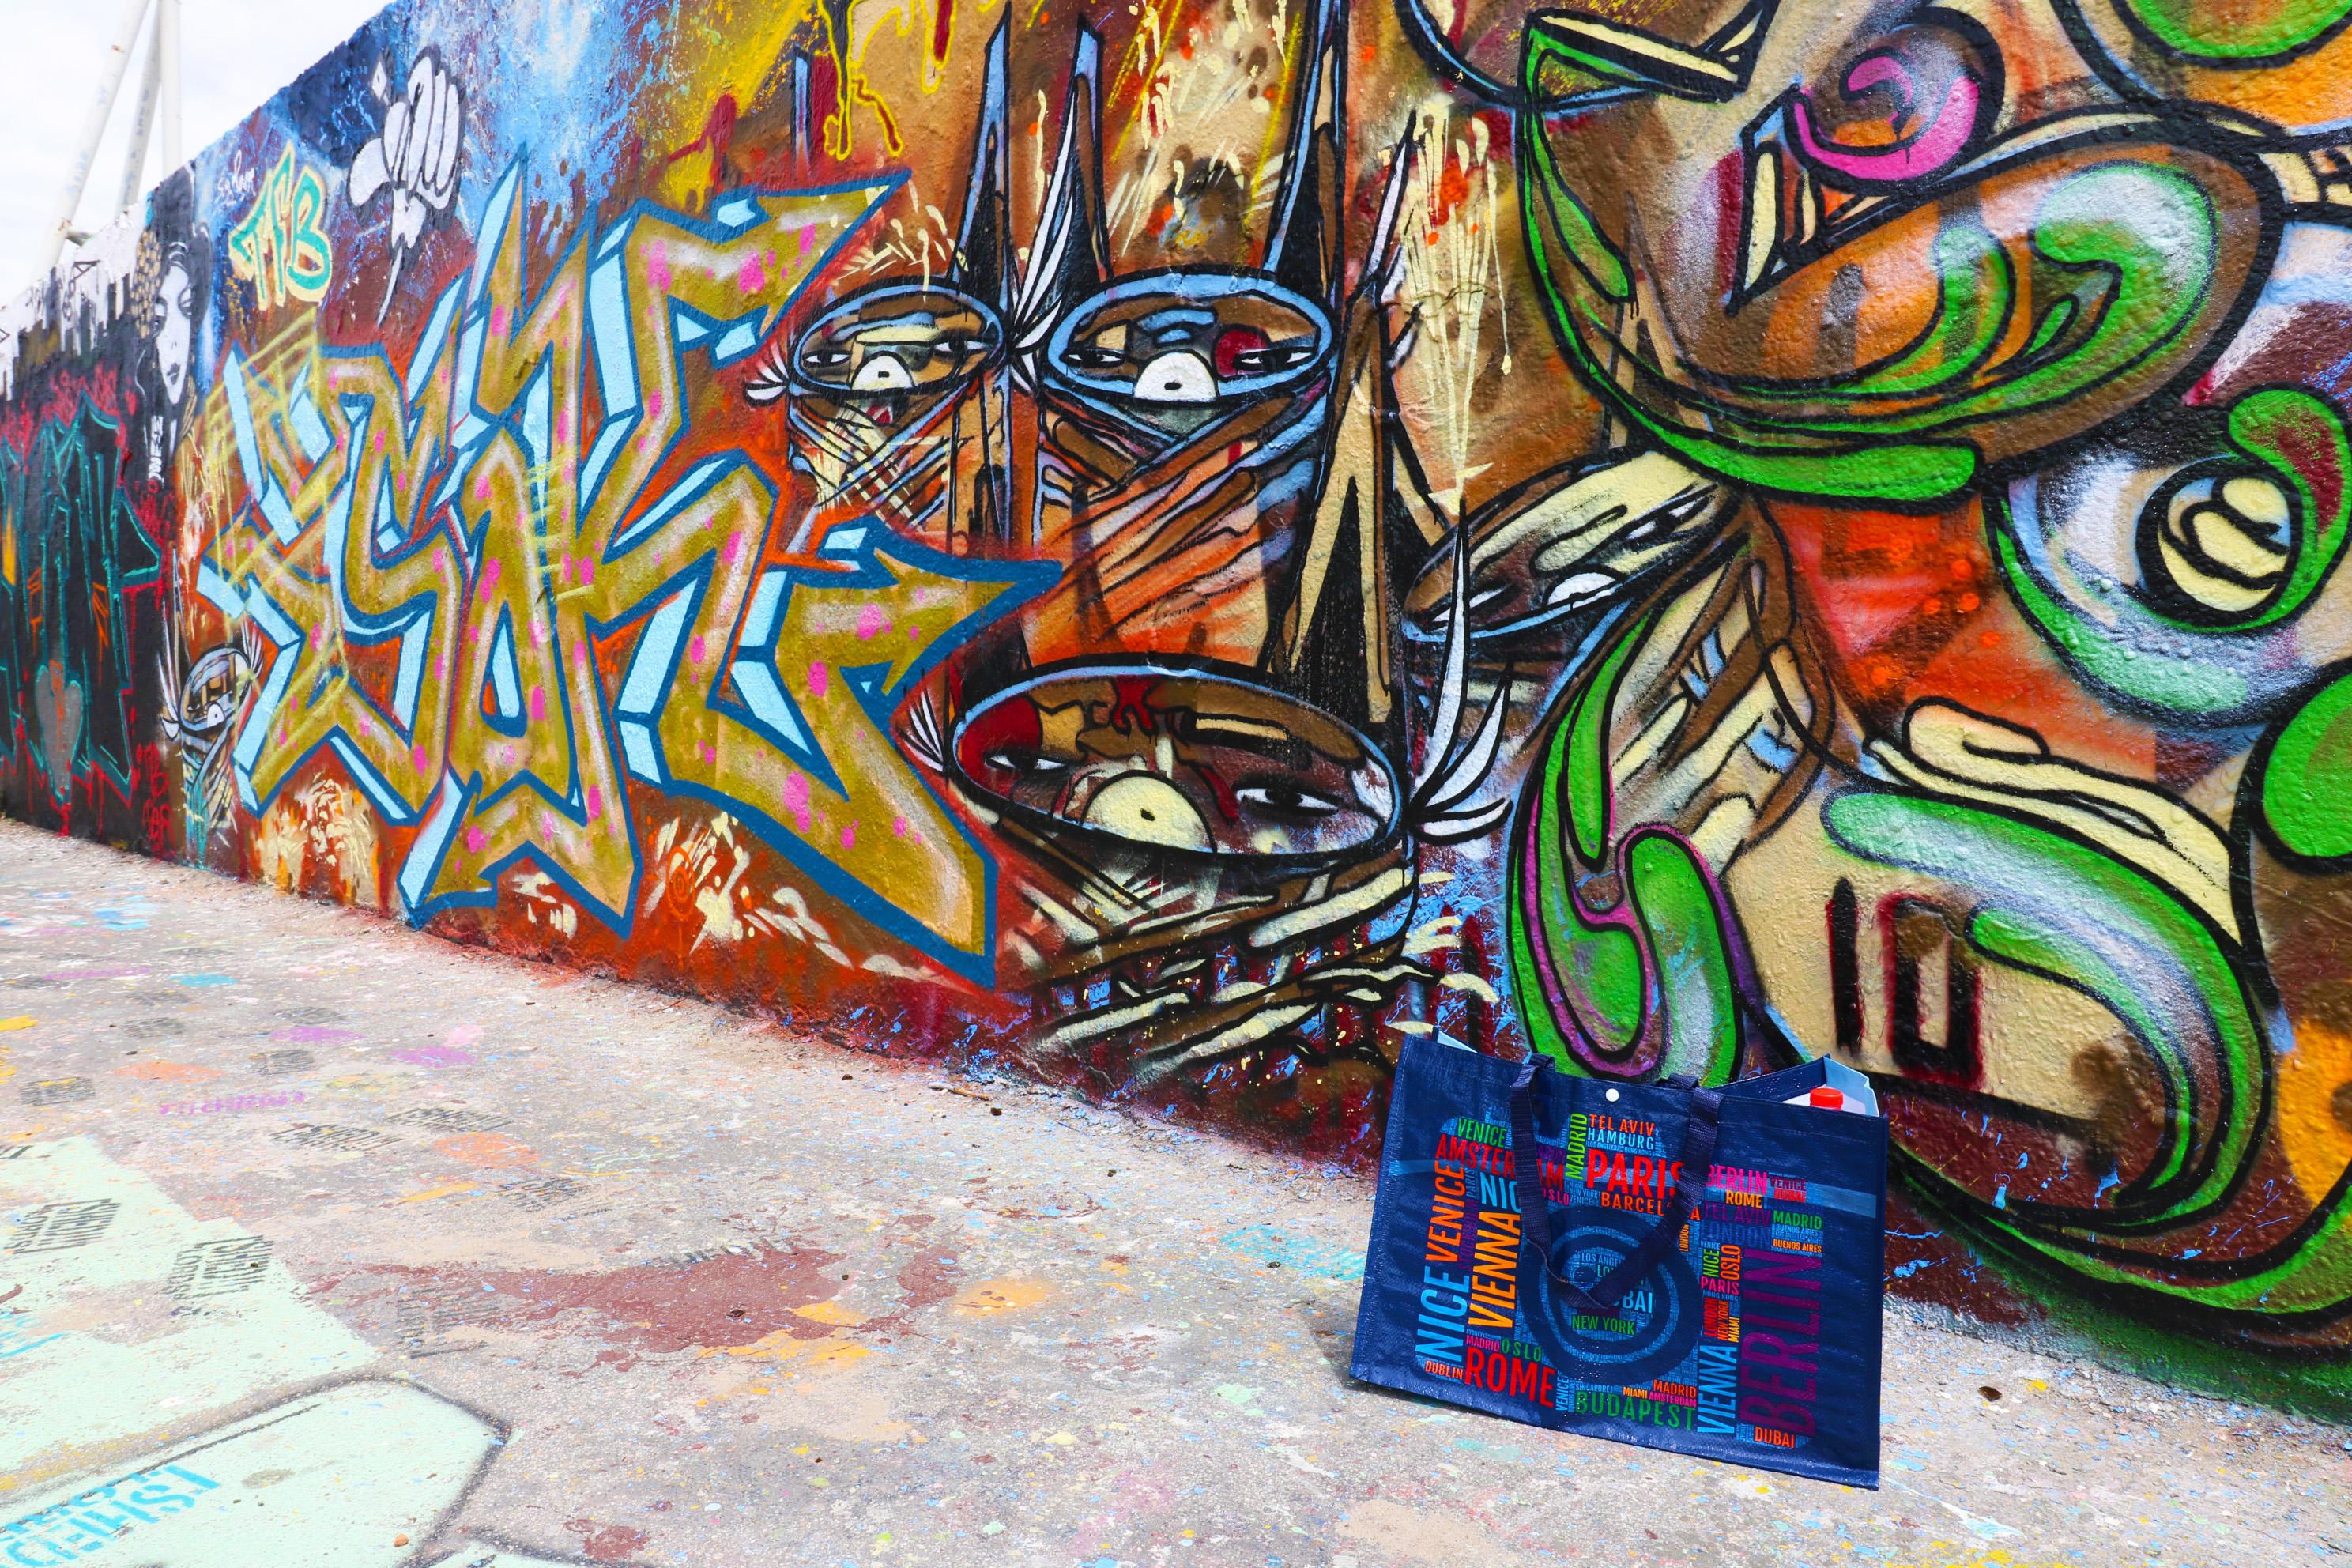 PP Woven Tragetaschen vor Graffiti Wand im Mauerpark Berlin